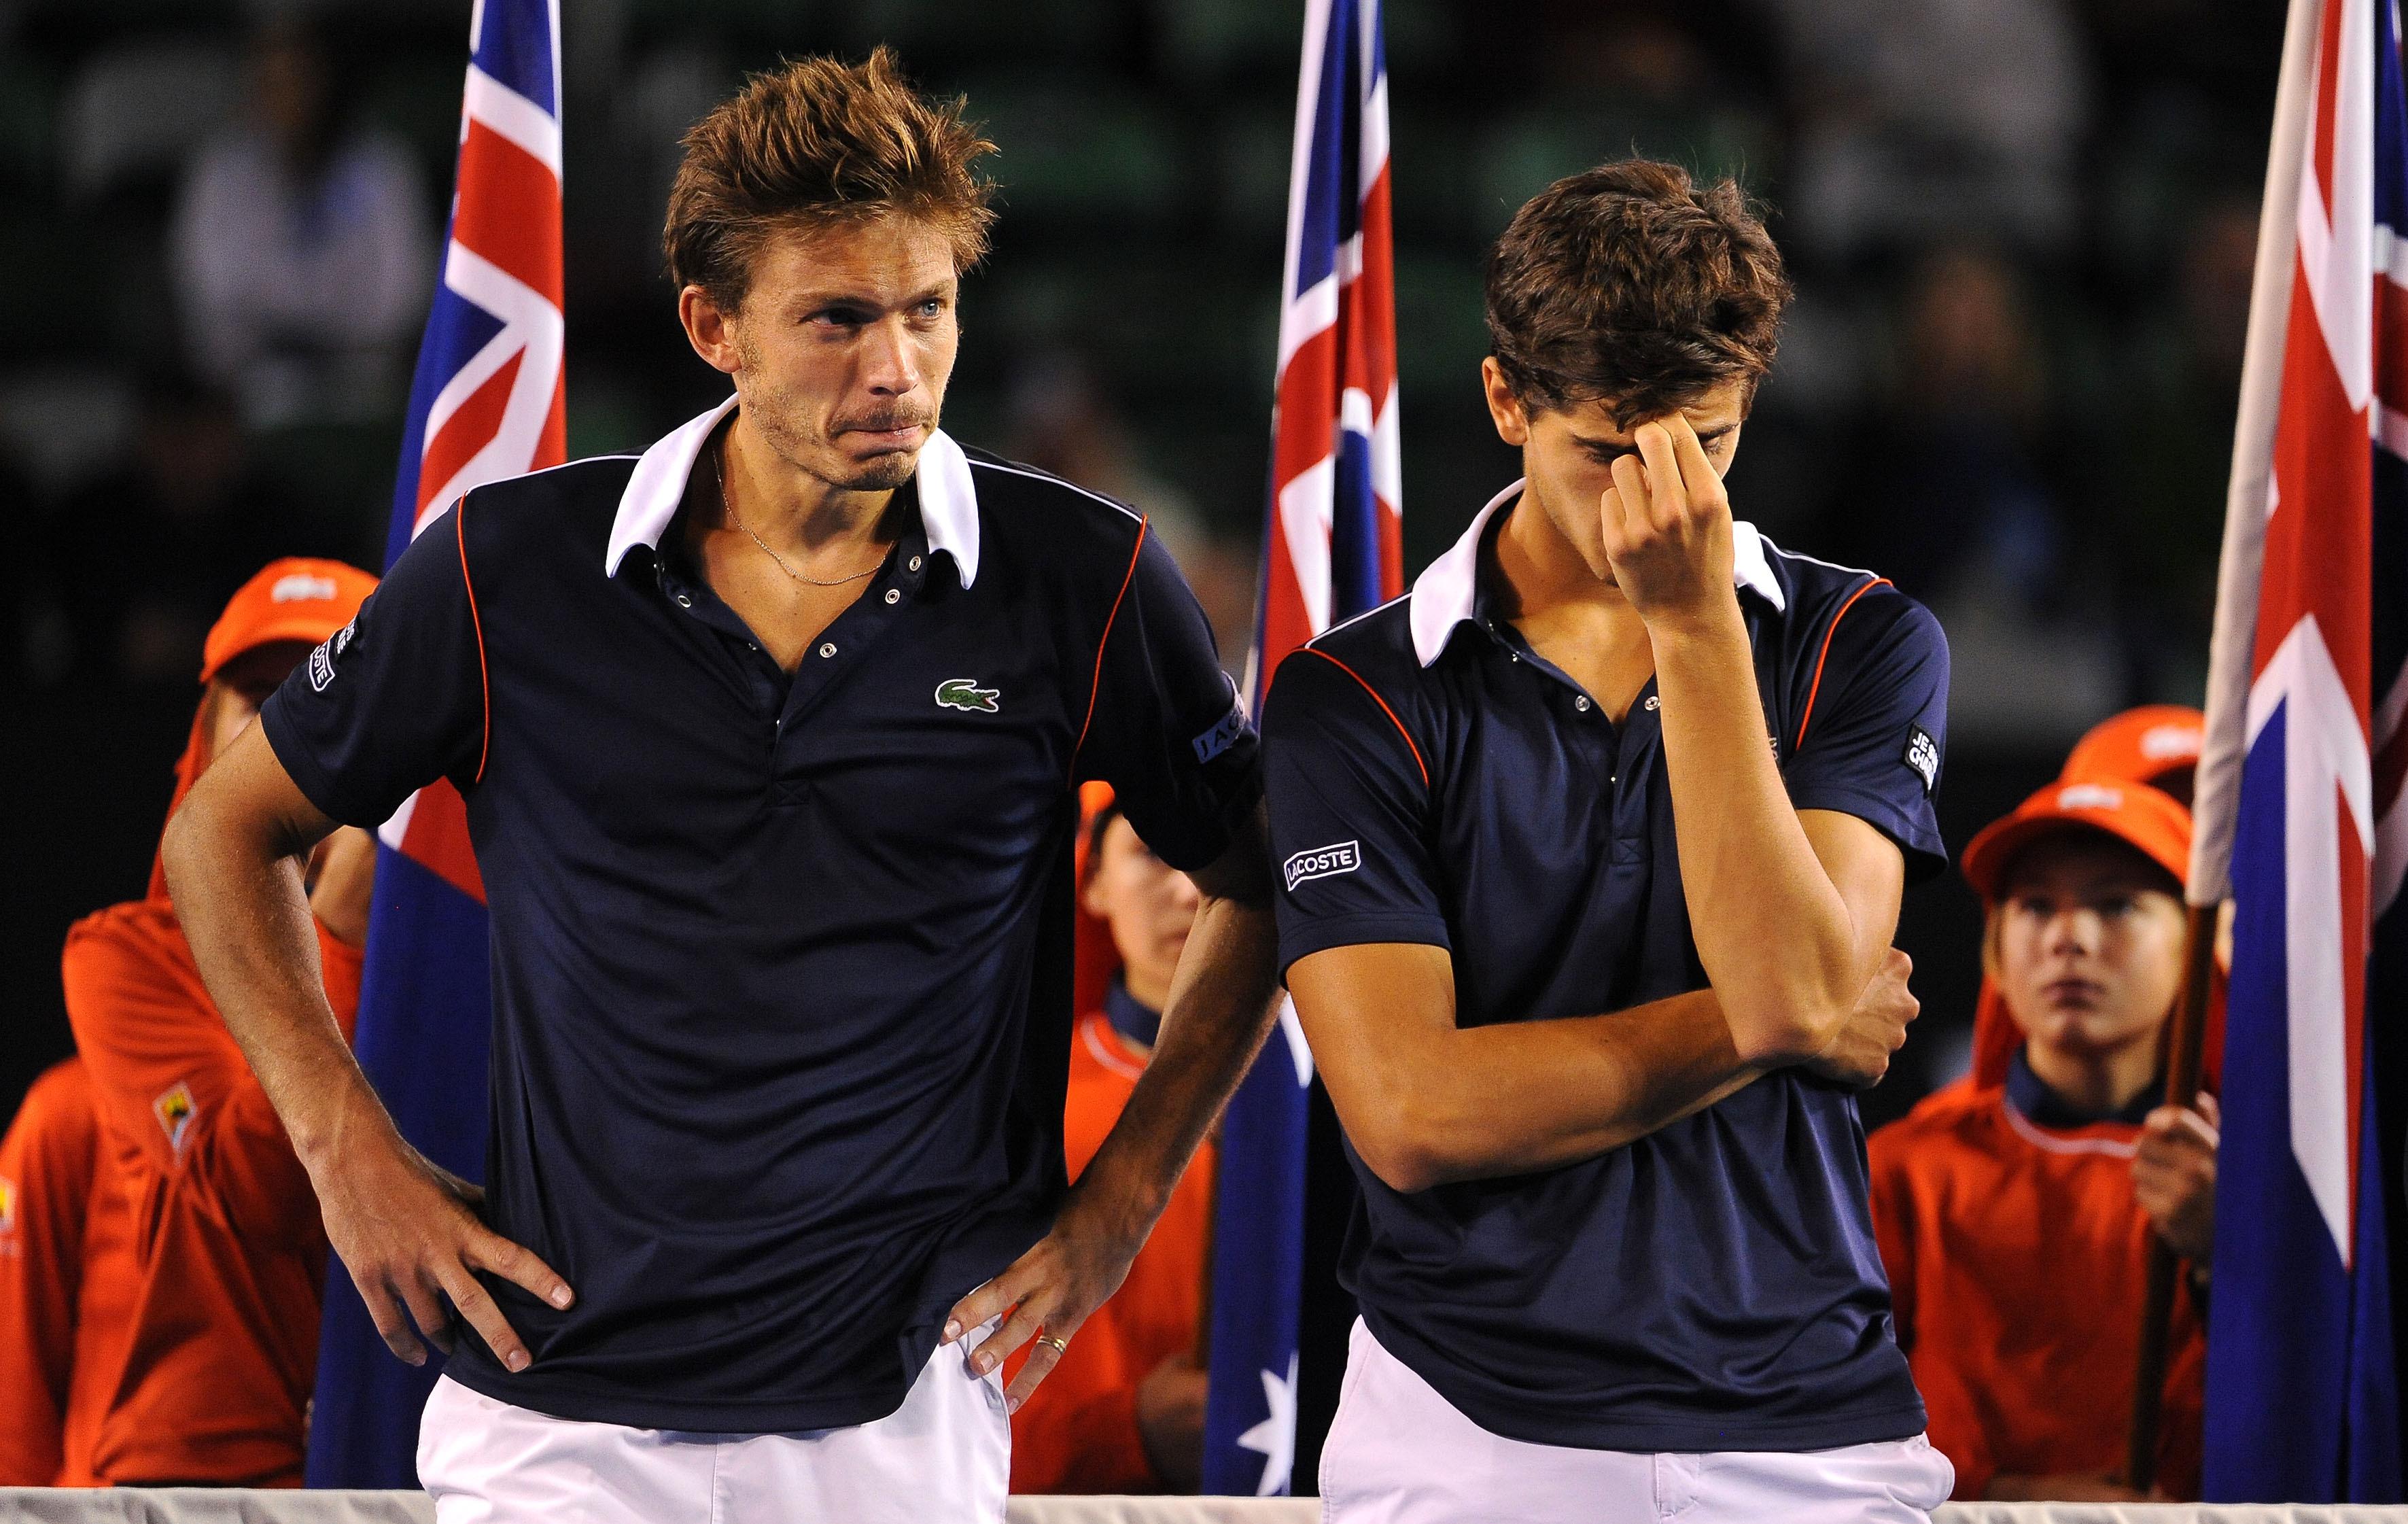 Tennis : Open Australie - Pas de titre pour Mahut/Herbert